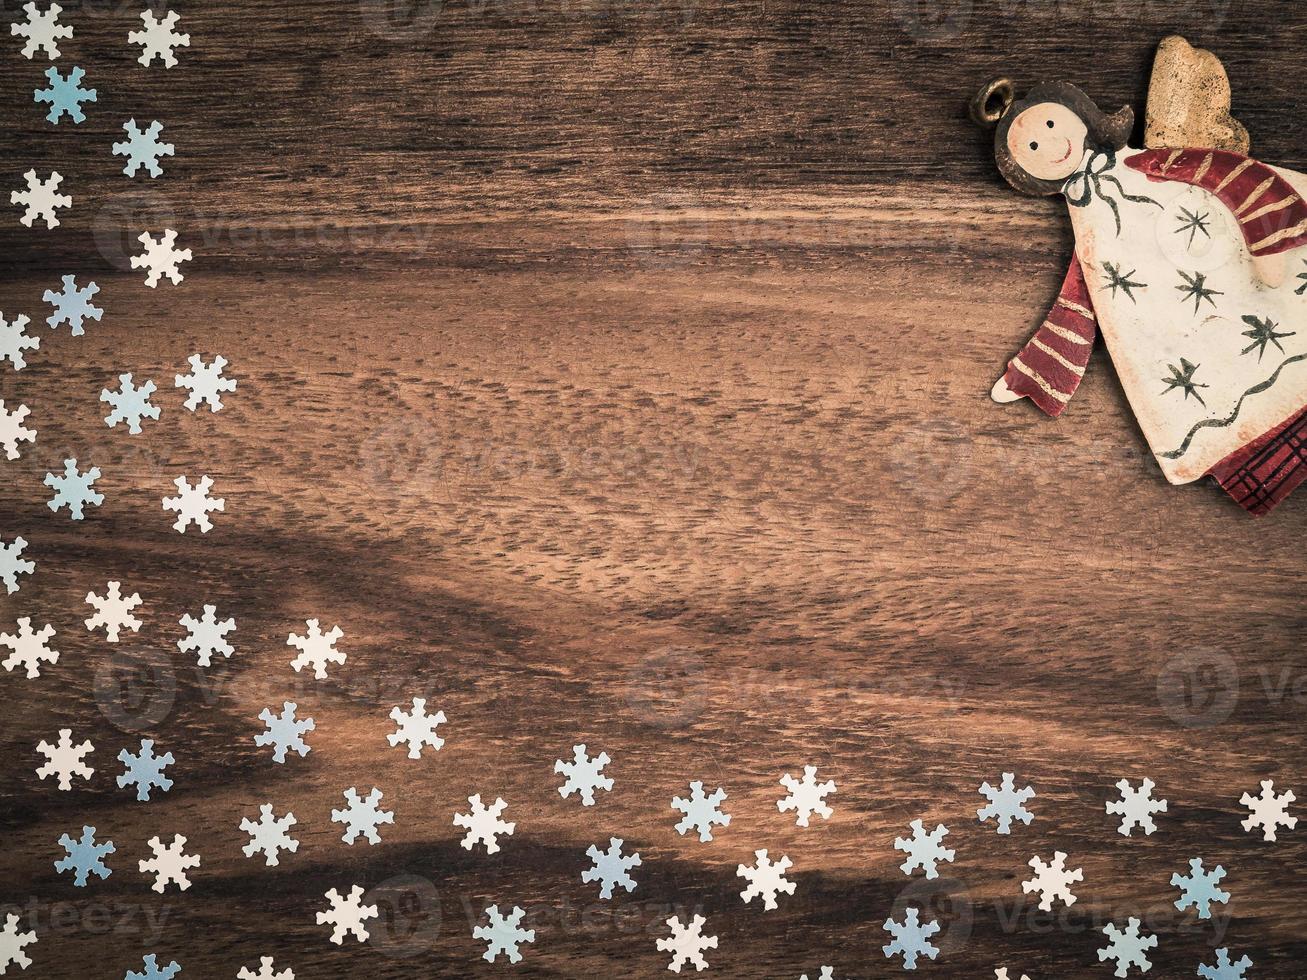 natale, fiocchi di neve di carta, angelo, legno di sfondo, copia spazio foto